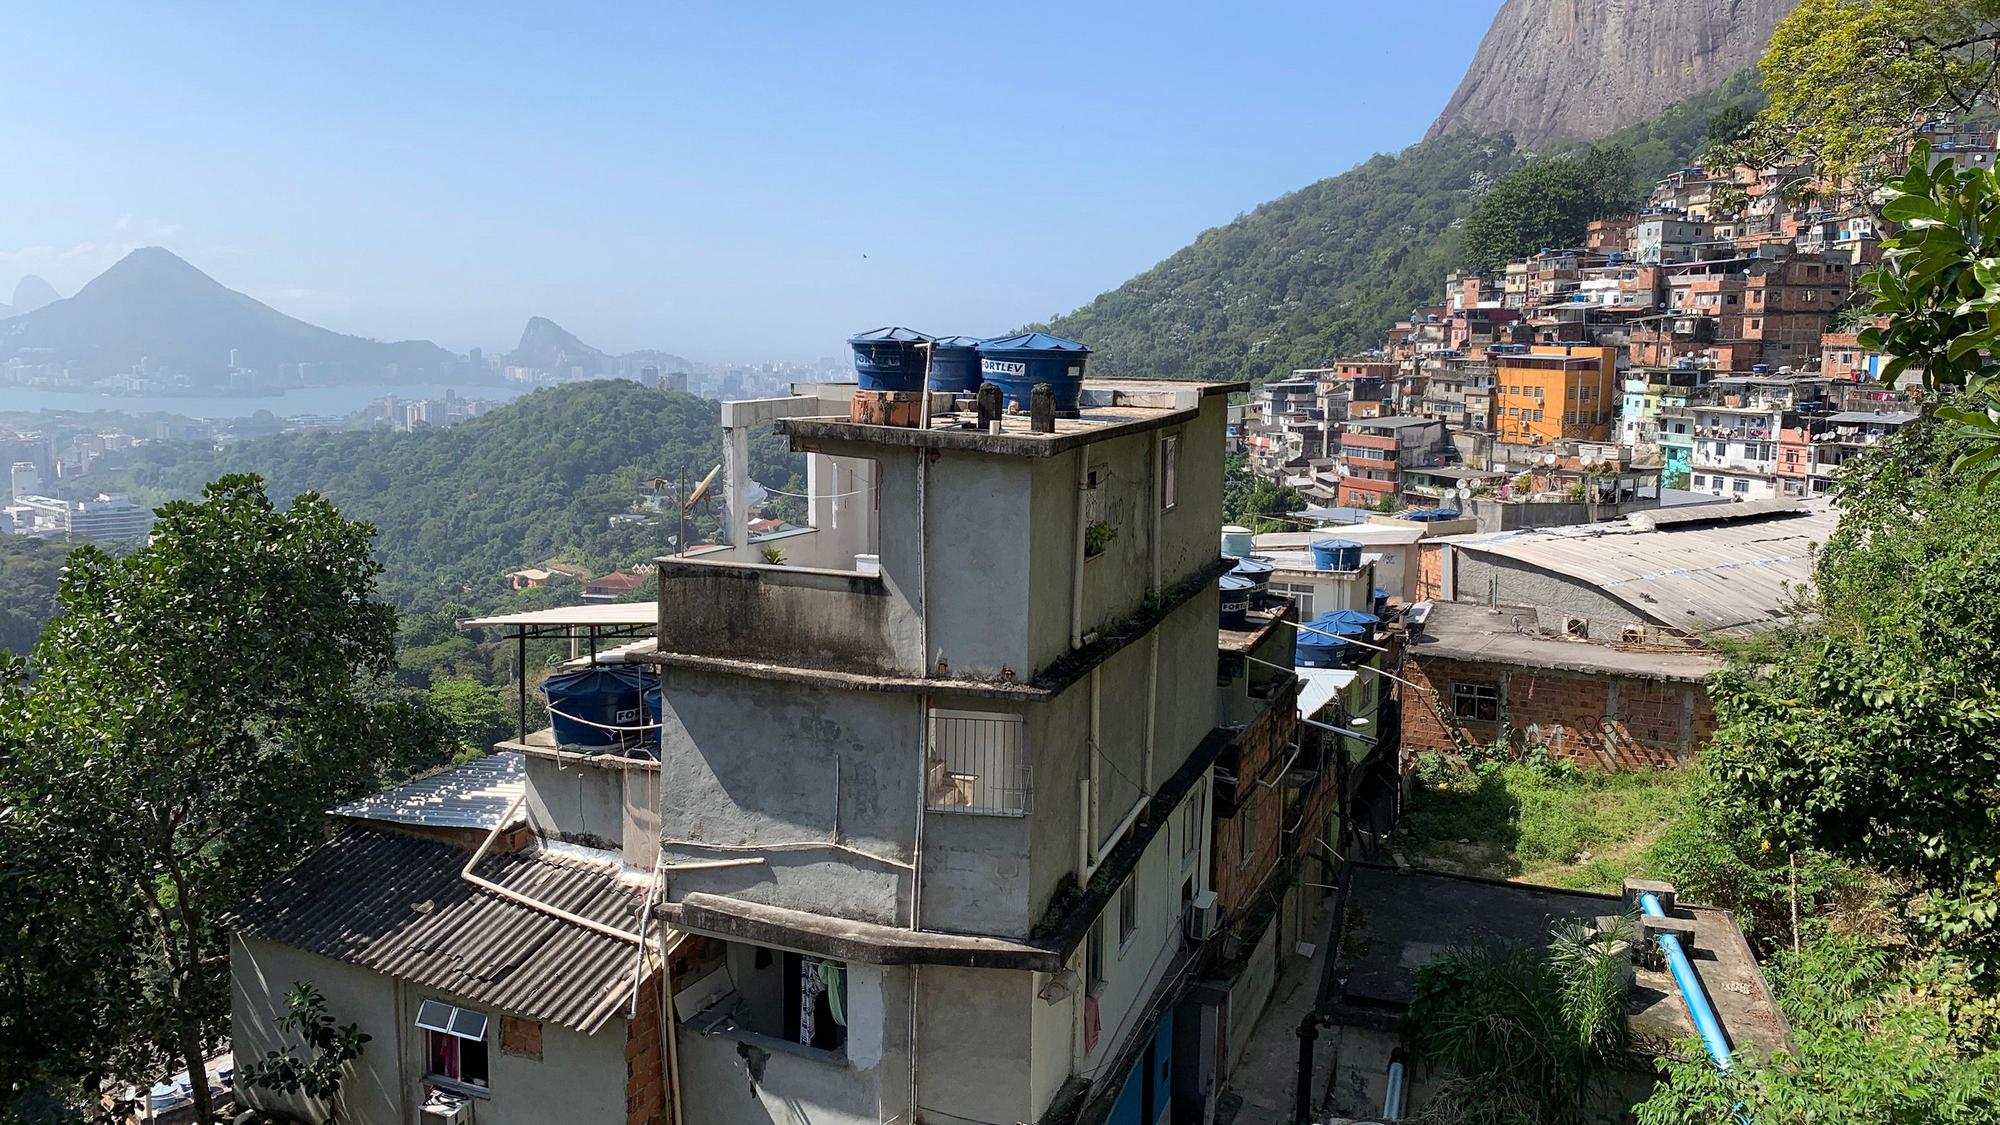 Localizada na zona sul da capital do Rio de Janeiro, a favela da Rocinha conta com mais de 100 mil habitantes, sendo considerada a maior comunidade periférica do país. Foto: MIT Technology Review.